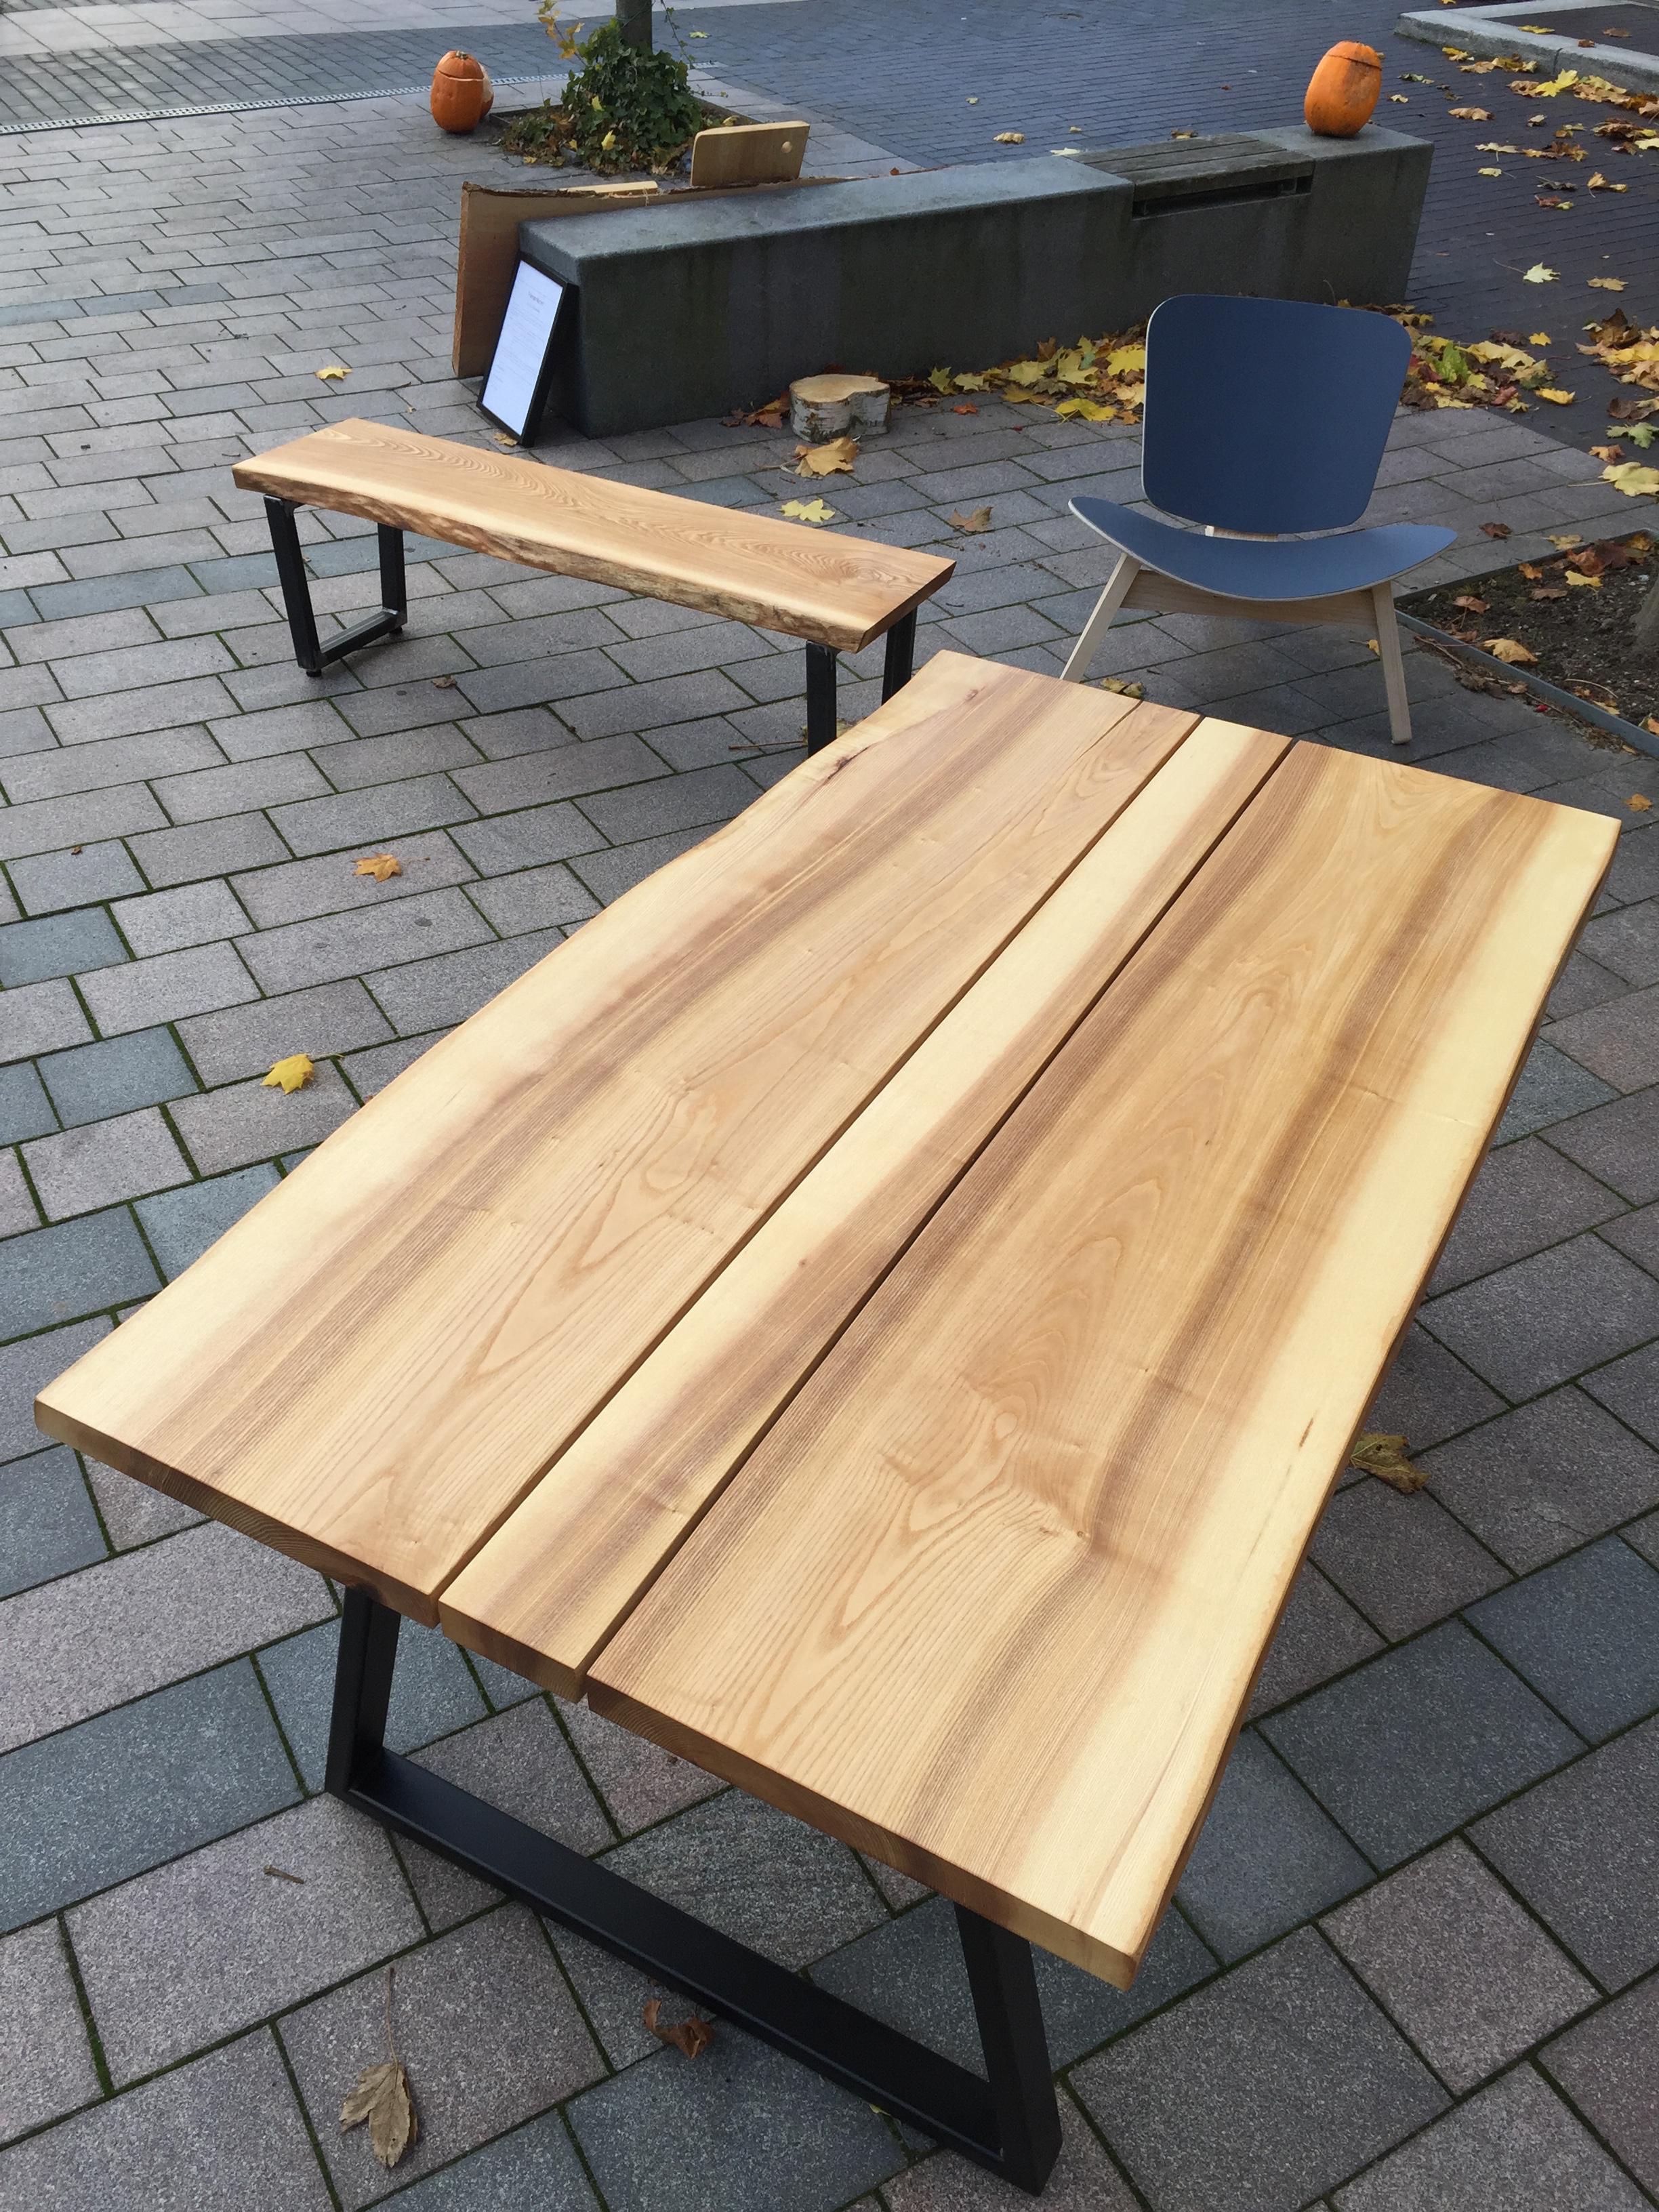 Asketræ bord, bænk, stol